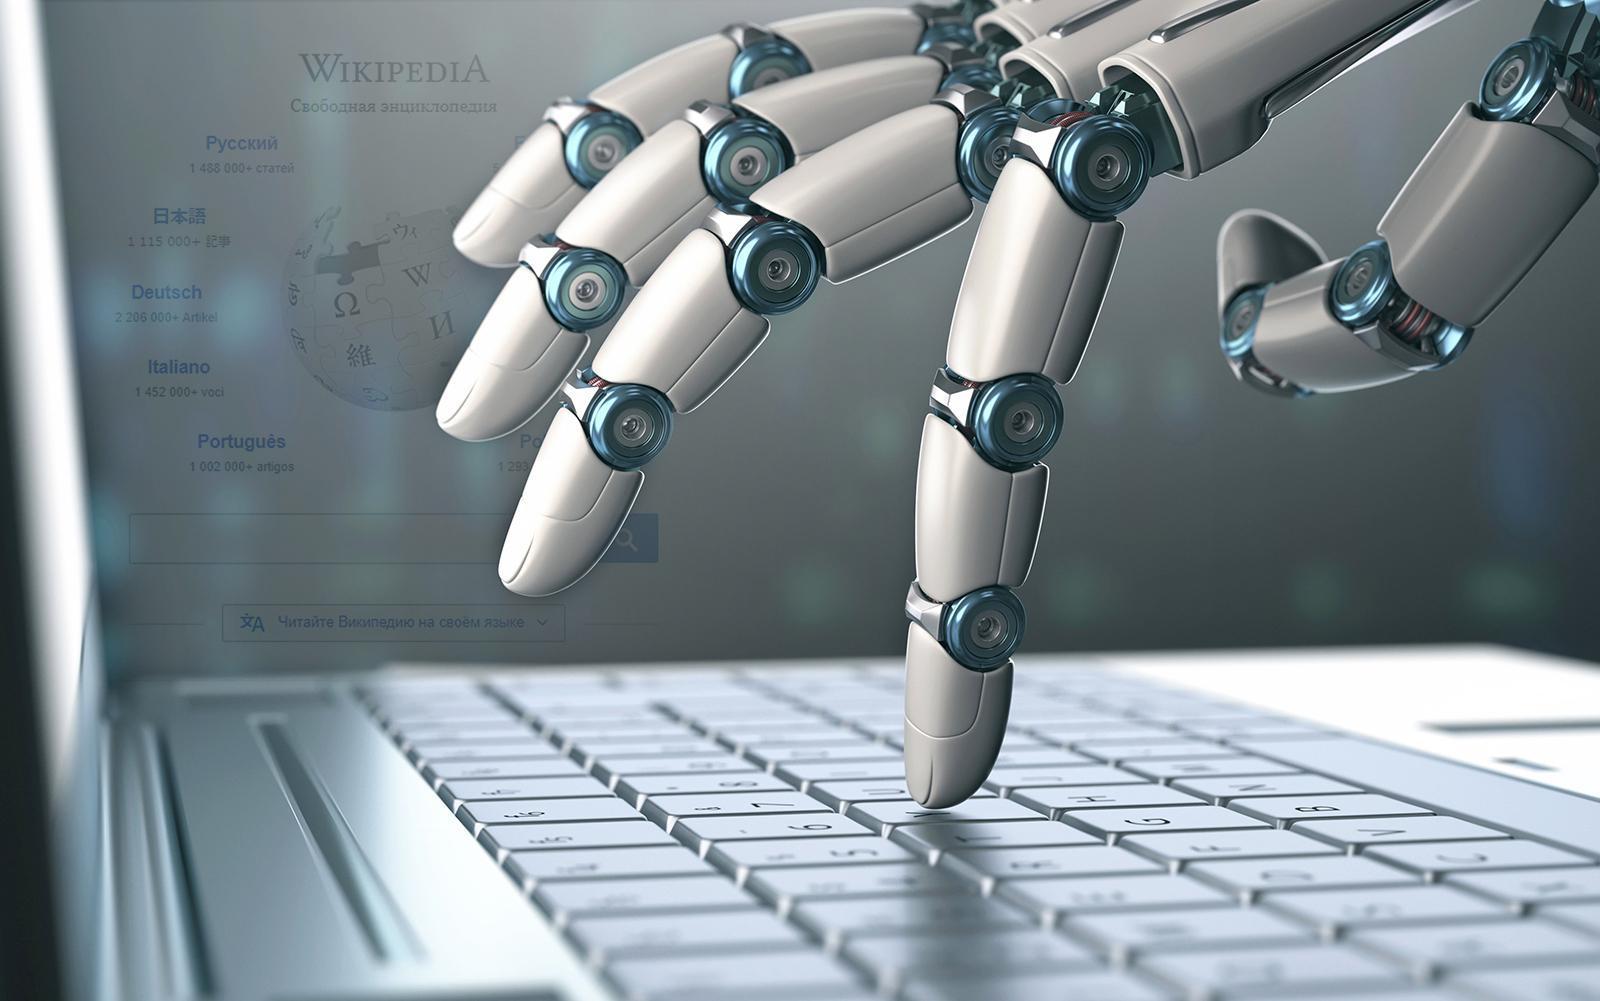 Разработан искусственный интеллект для обновления статей в Википедии